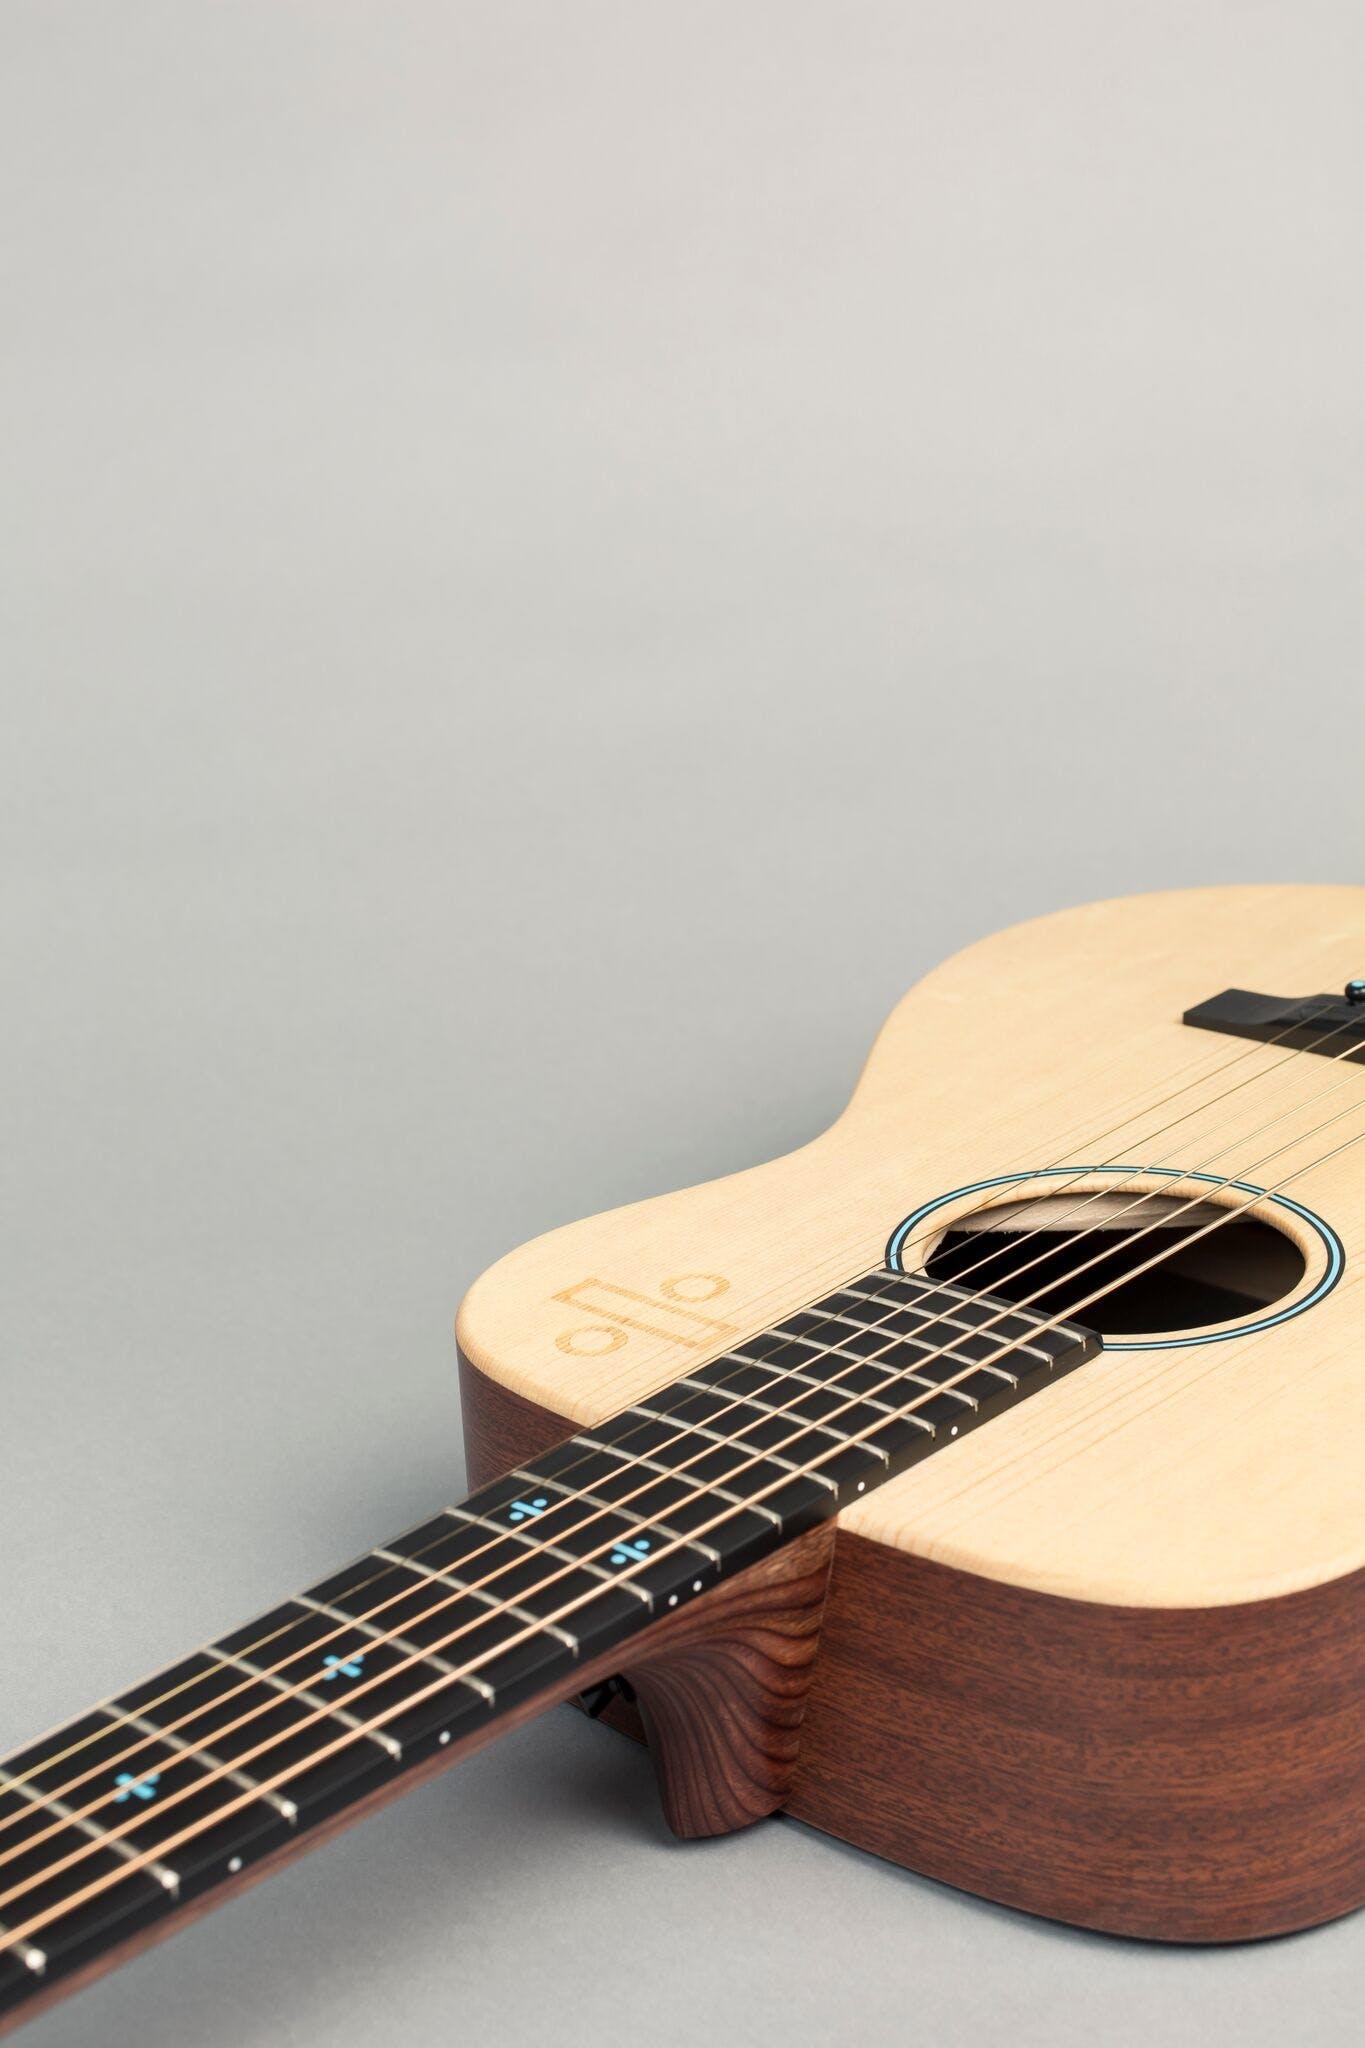 Martin Lx1 Ed Sheeran Signature Guitar Divide Model Andertons Alvarez Electric Wiring Diagram Music Co